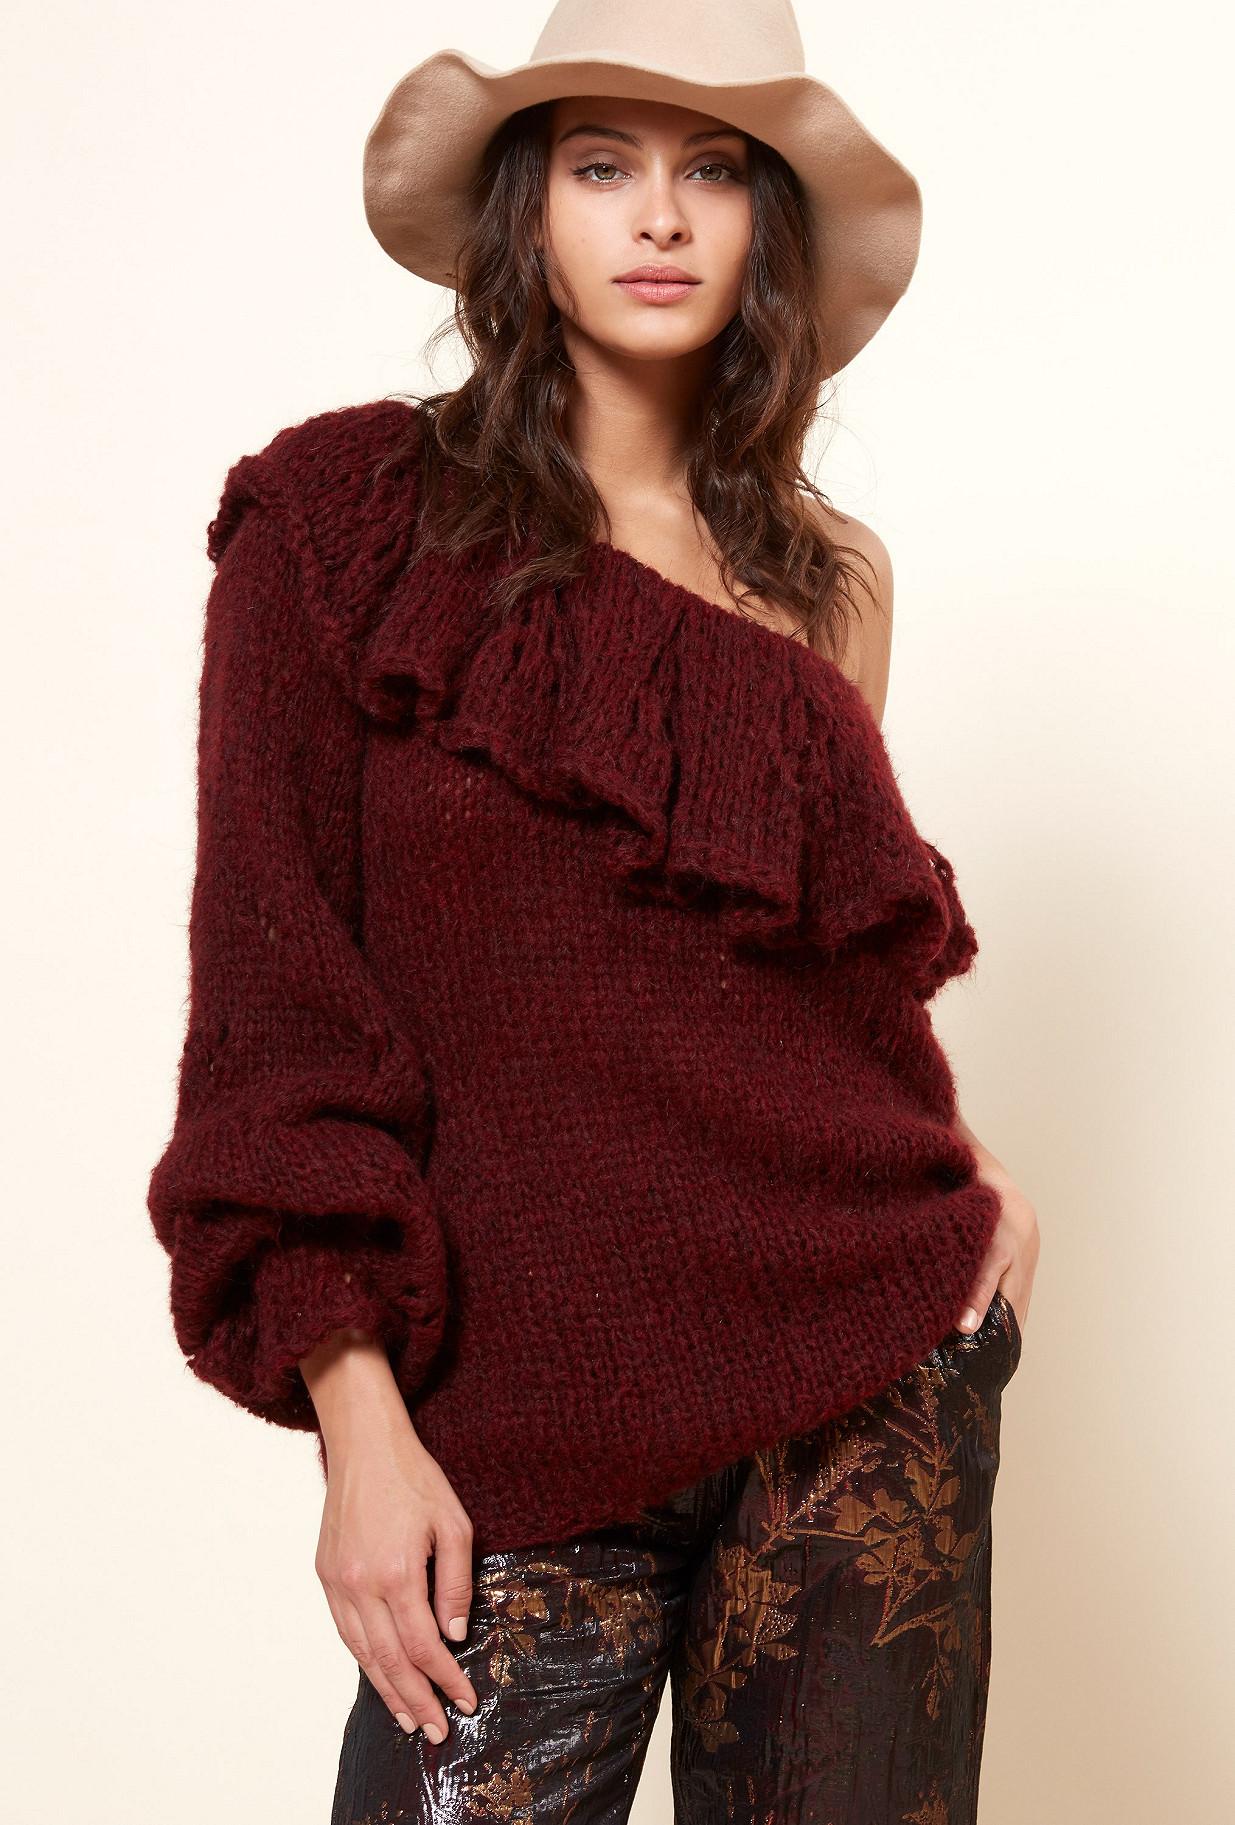 Paris boutique de mode vêtement Maille créateur bohème  Frileuse